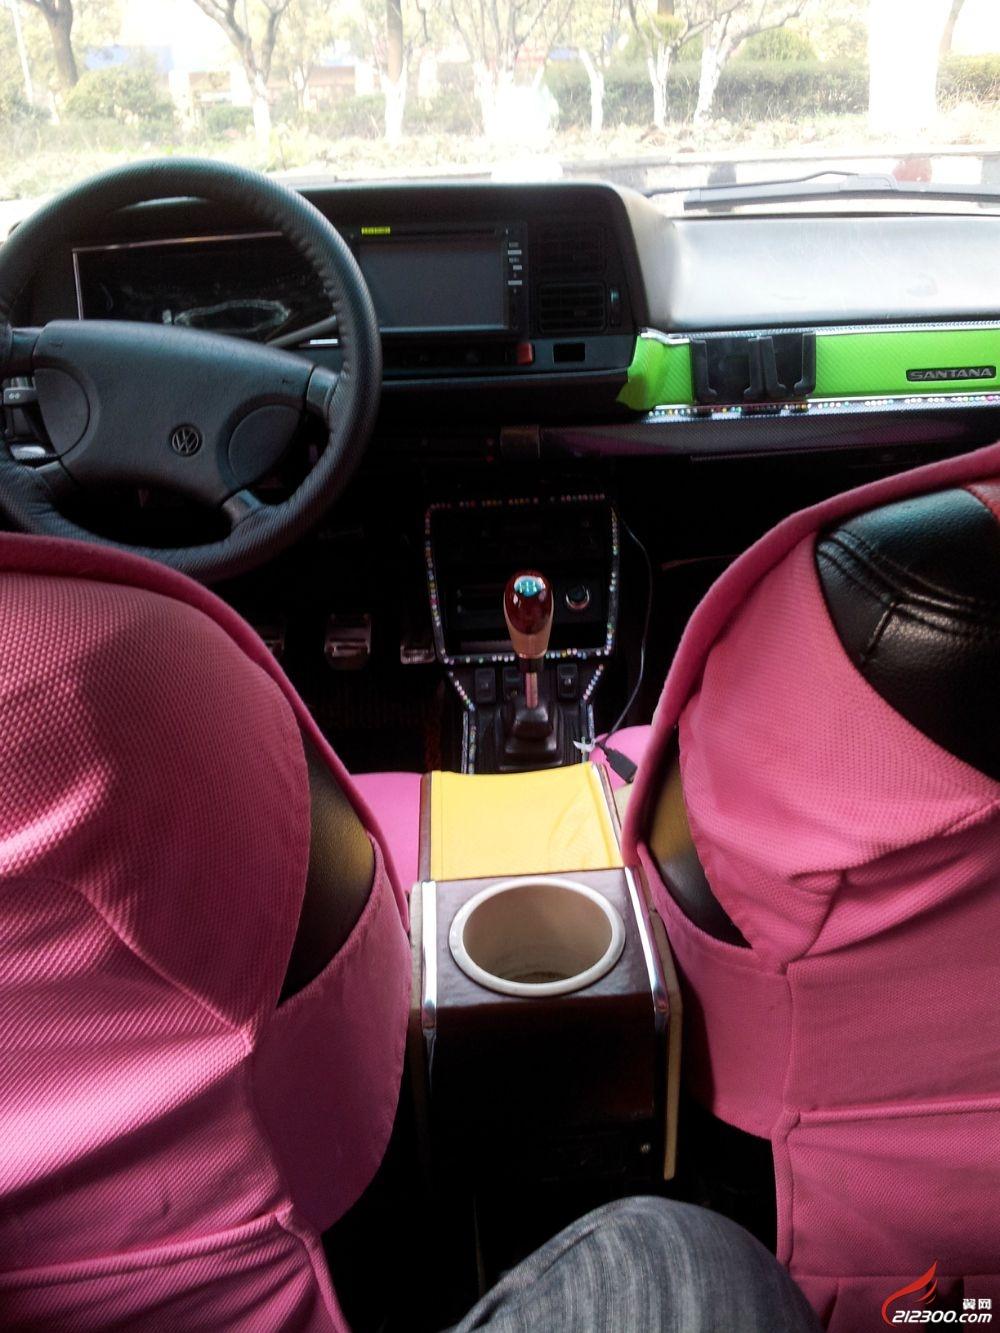 转让2000年普桑,改装透镜,天使眼大灯,加装导航,倒车可视,四门电动